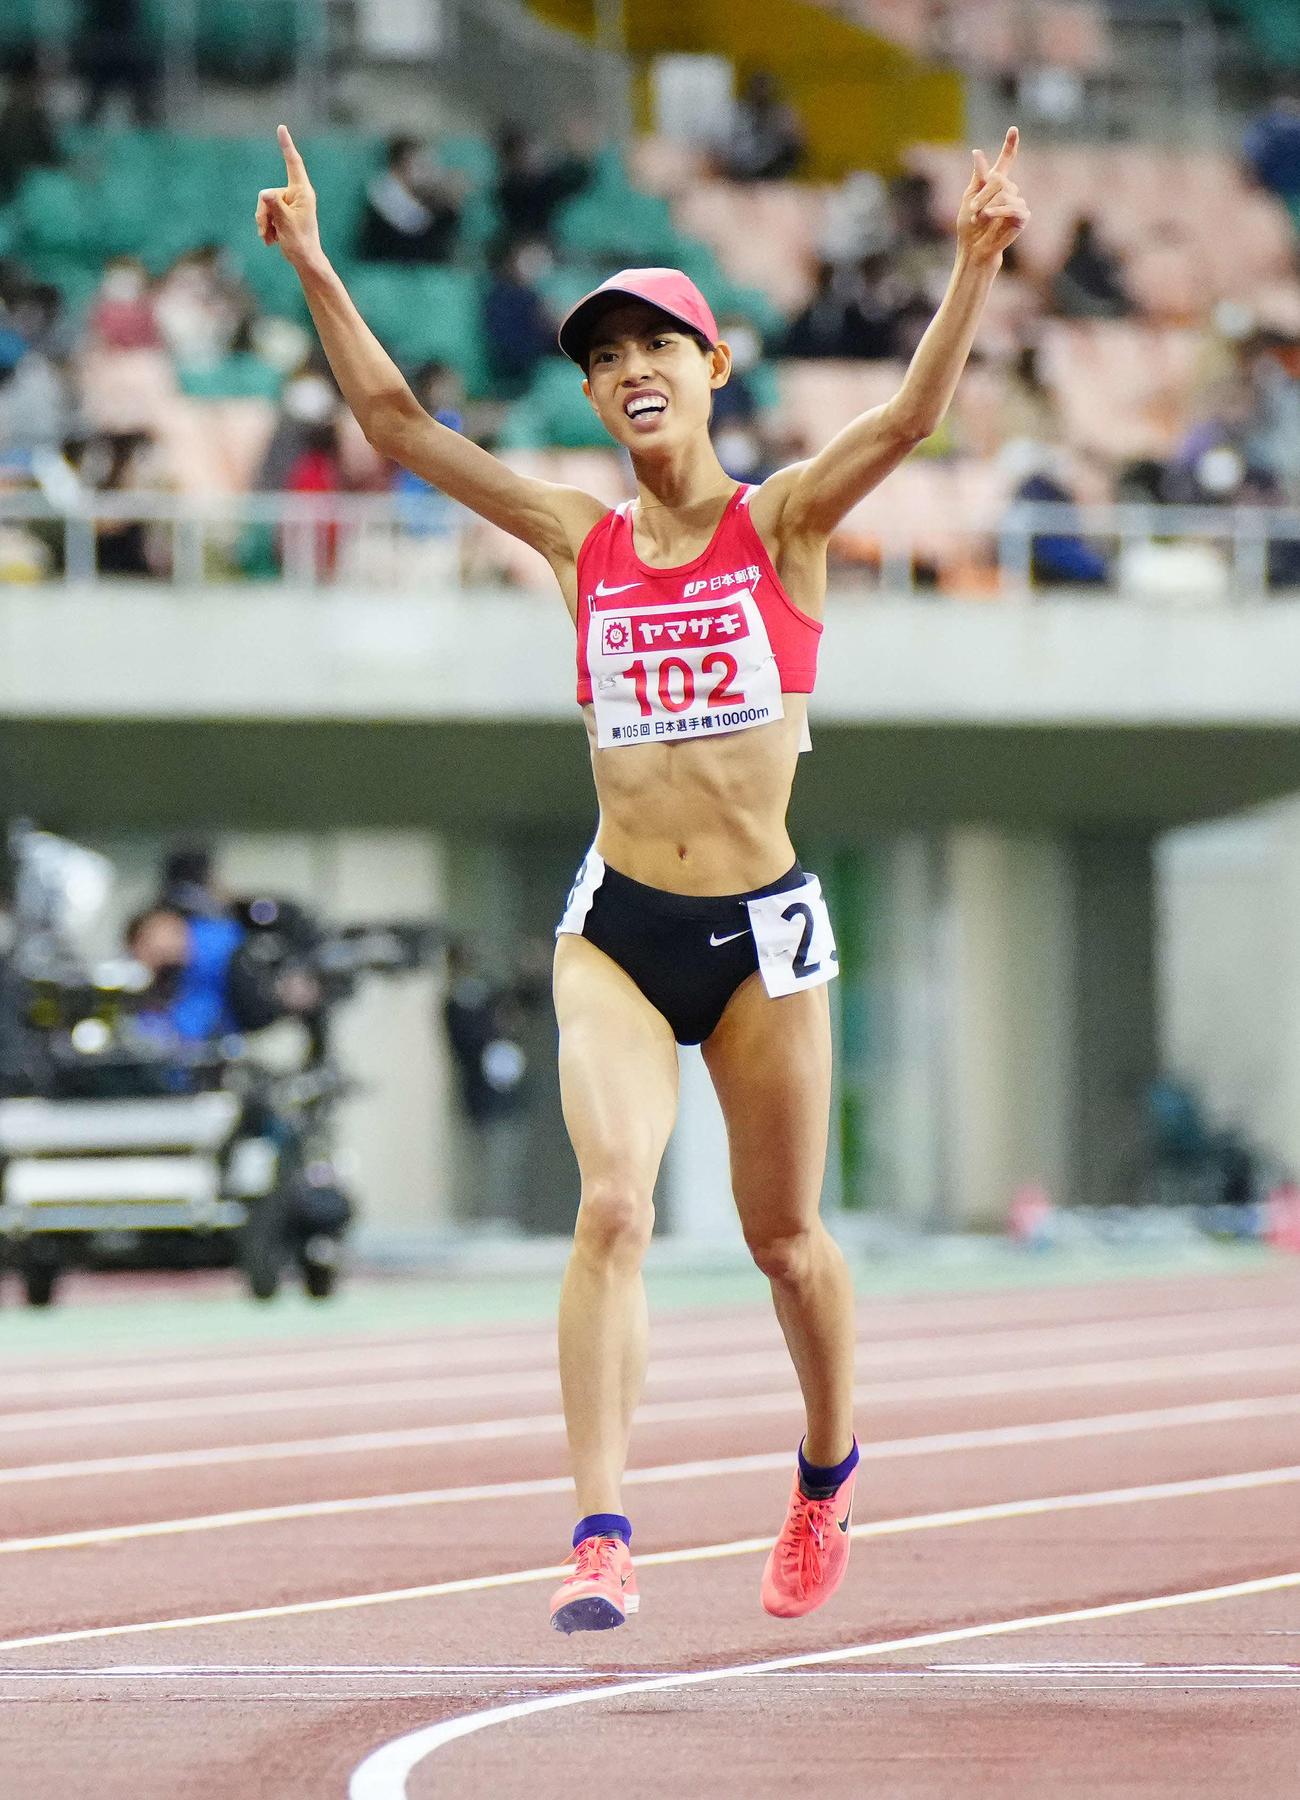 女子1万メートルで優勝し、指を突き上げゴールする広中(撮影・江口和貴)